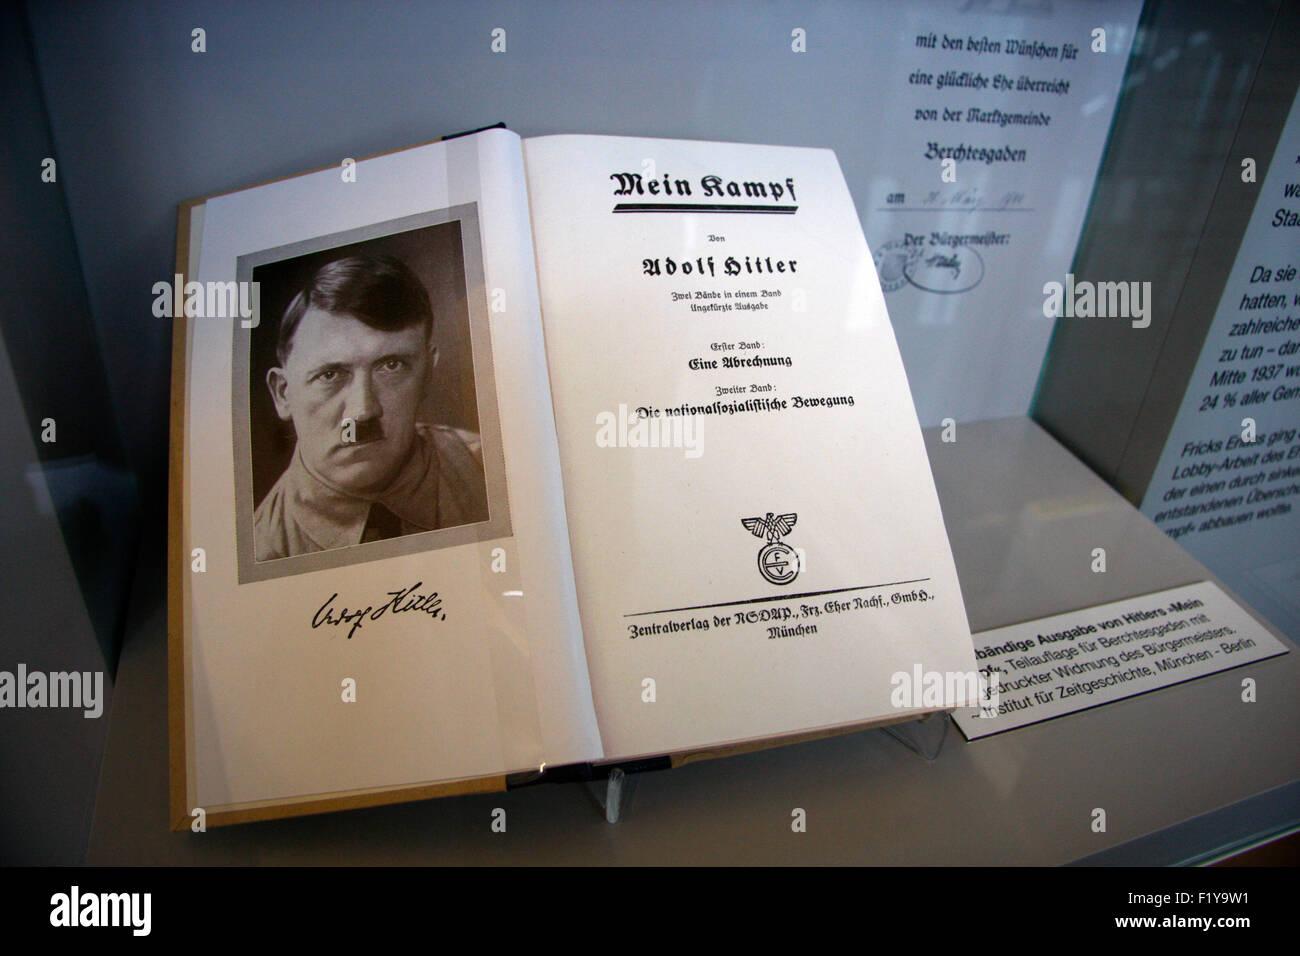 von Adolf Hitler signiertes Buch 'Mein  Kampf', Dokumentationszentrum Obersalzberg, Berchtesgaden, Alpen - Stock Image